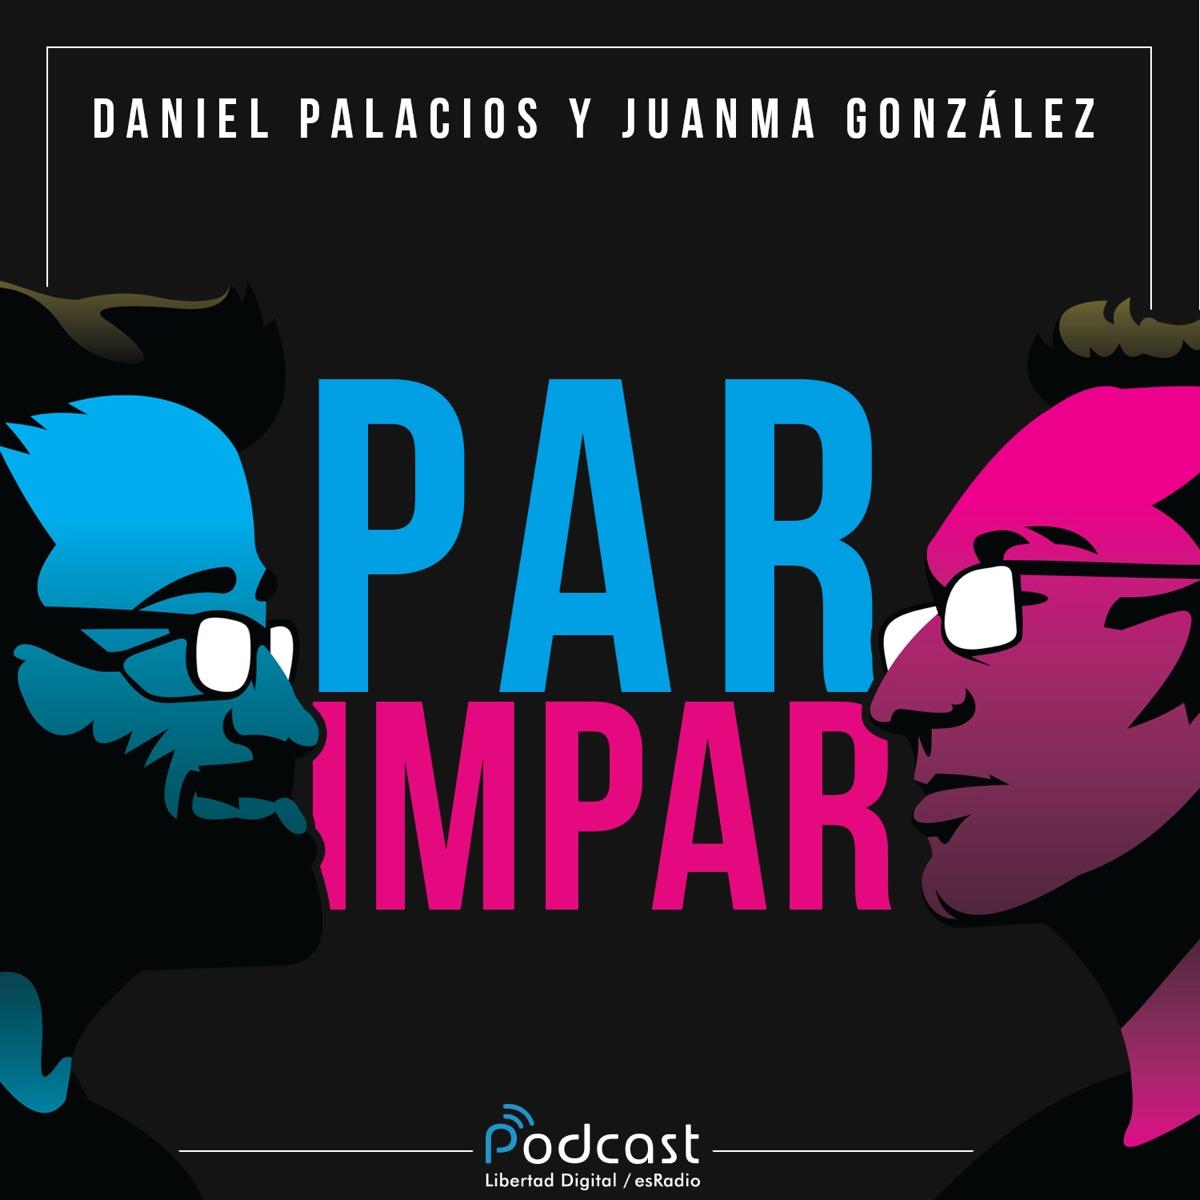 Par-Impar podcast